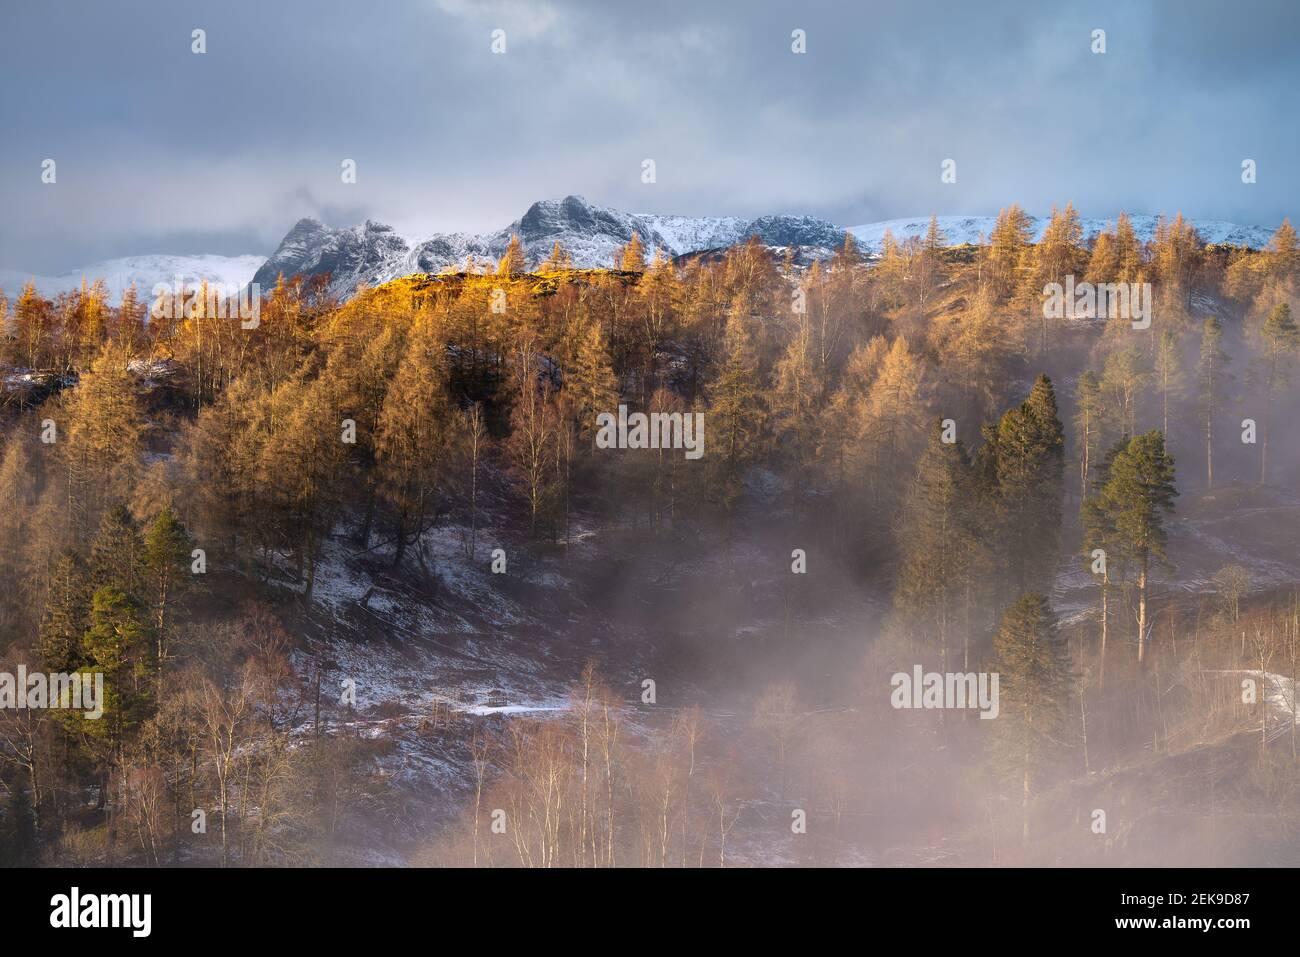 Paisaje dorado de aspecto alpino con montañas nevadas y un espectacular cielo. Tomado en una tarde de invierno en Tarn Hows mirando a los Pikes de Langdale. Foto de stock